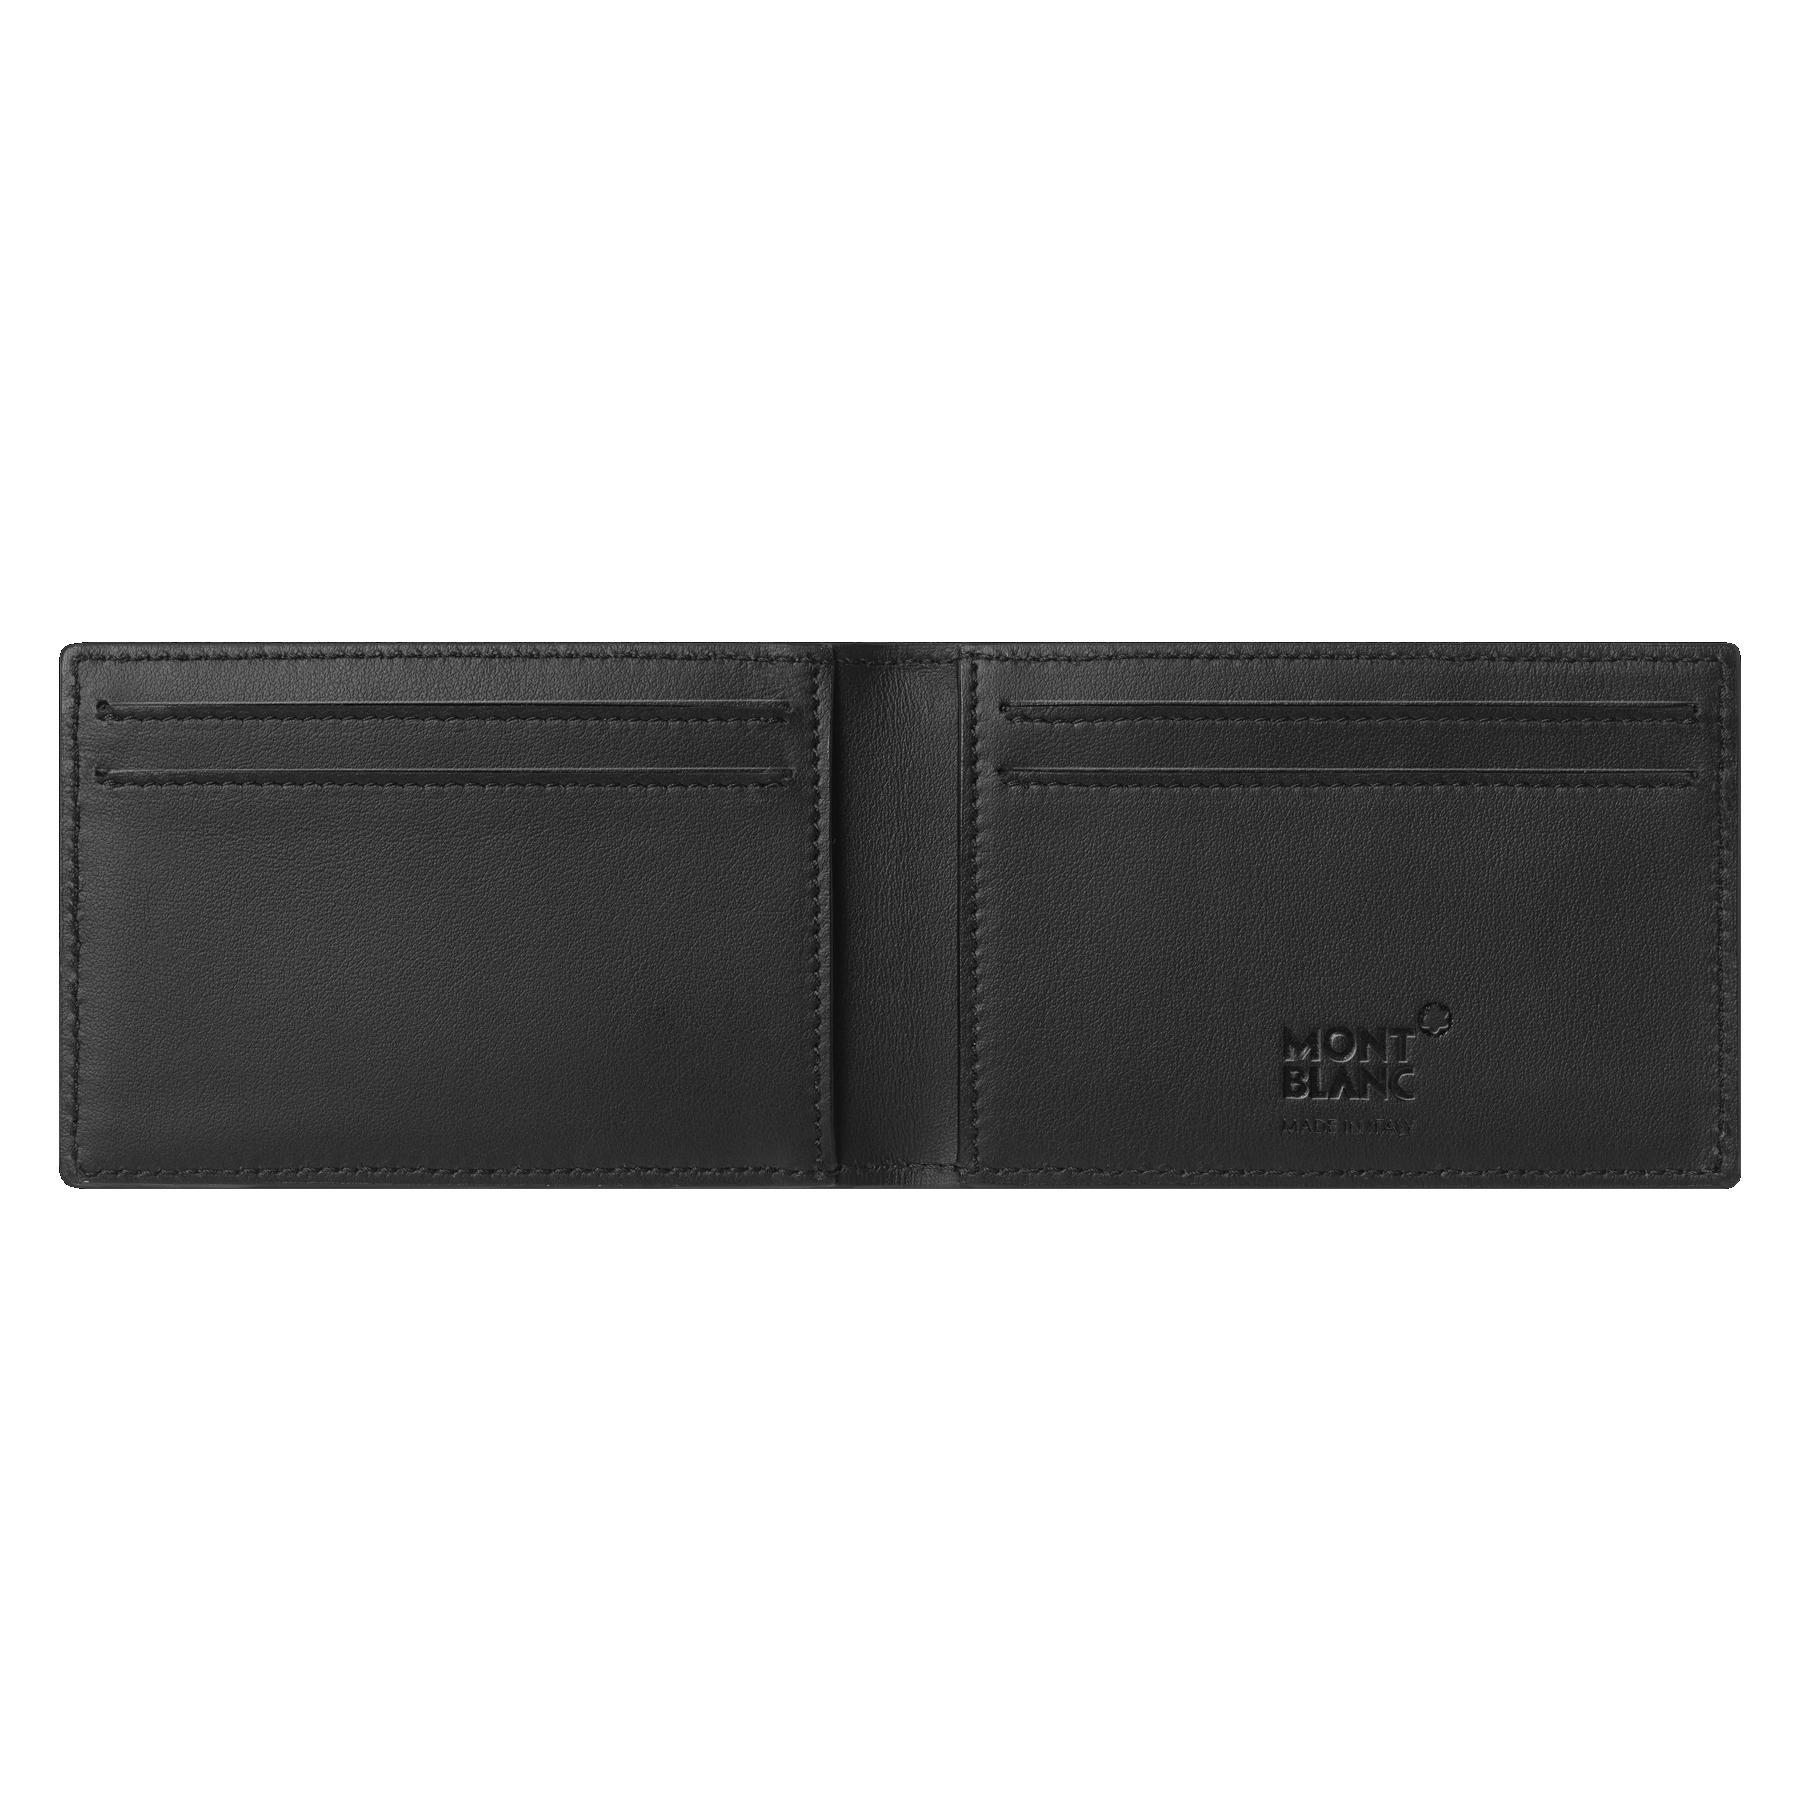 Porte-cartes plié 8 cc, Extreme 2.0, Montblanc